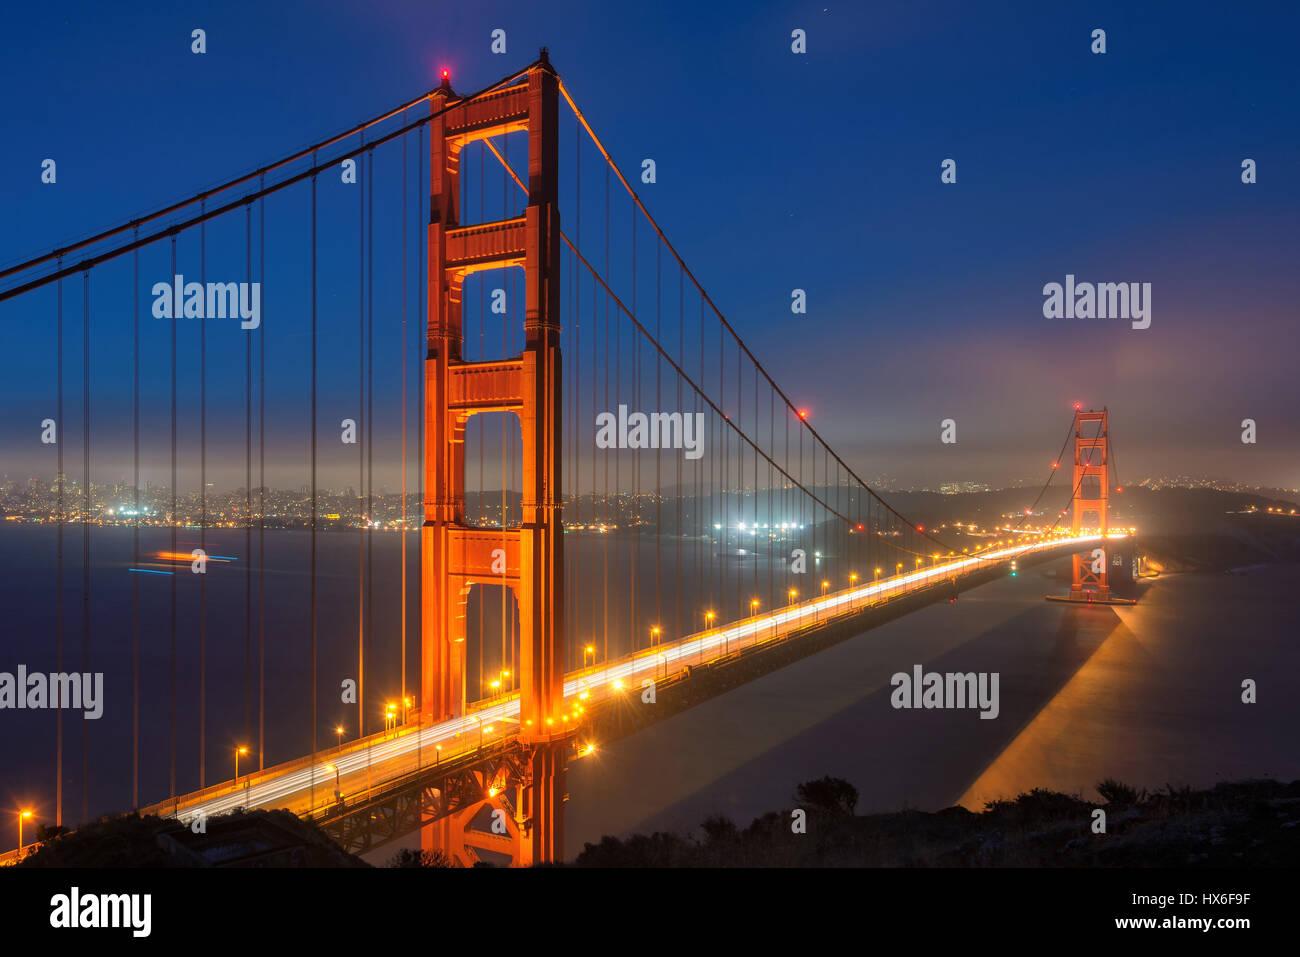 Golden Gate Bridge at night, San Francisco. - Stock Image